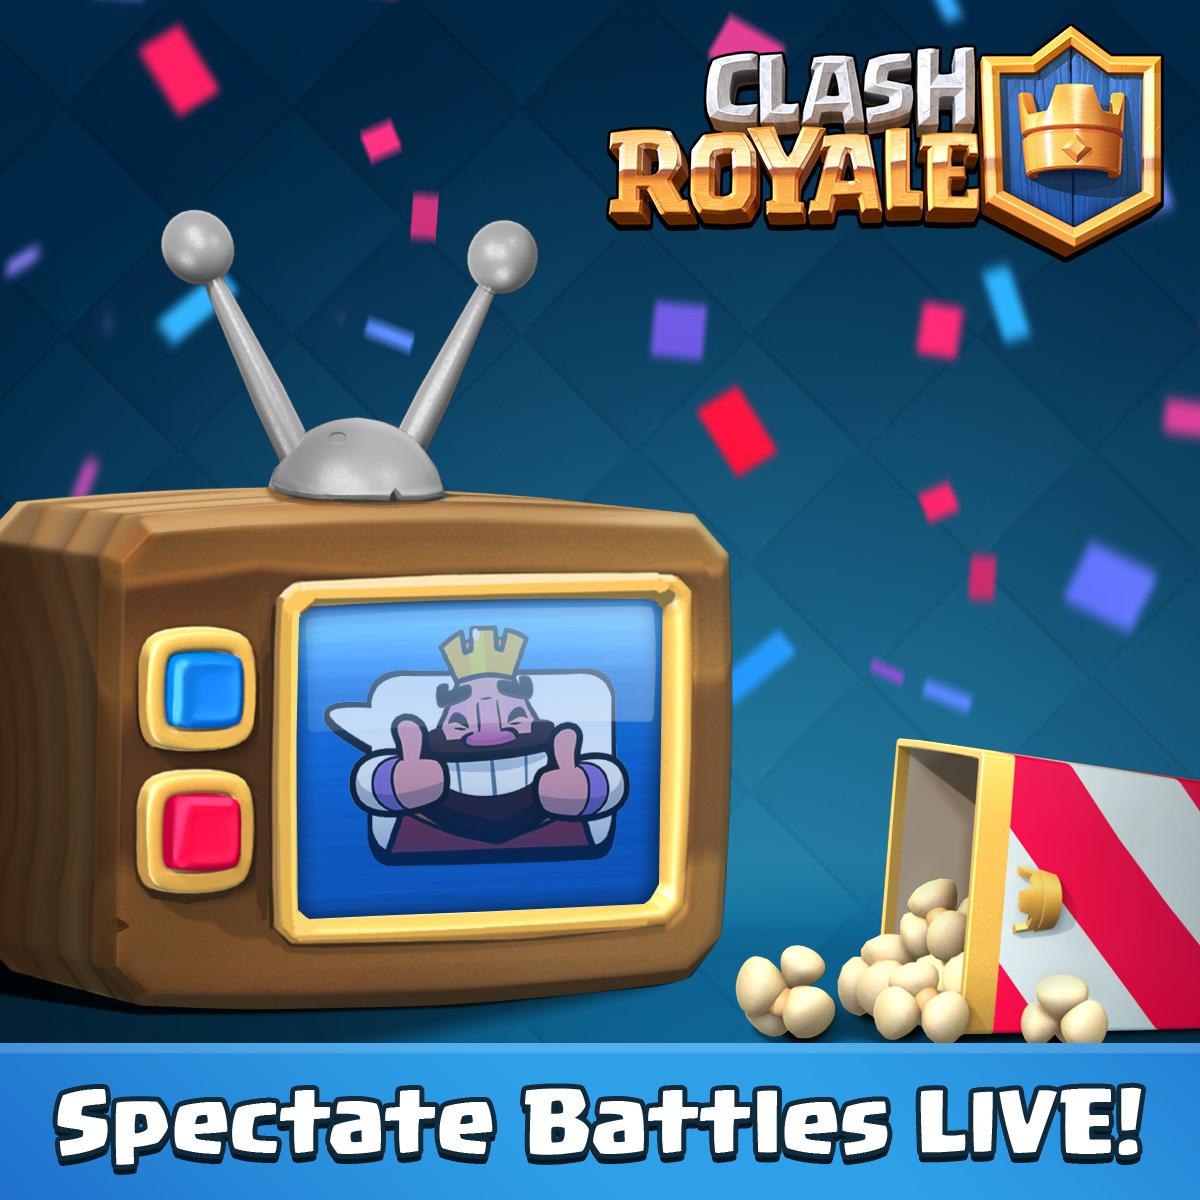 MàJ de Mai Clash Royale #1 : Combats en direct et TV Royale par arène